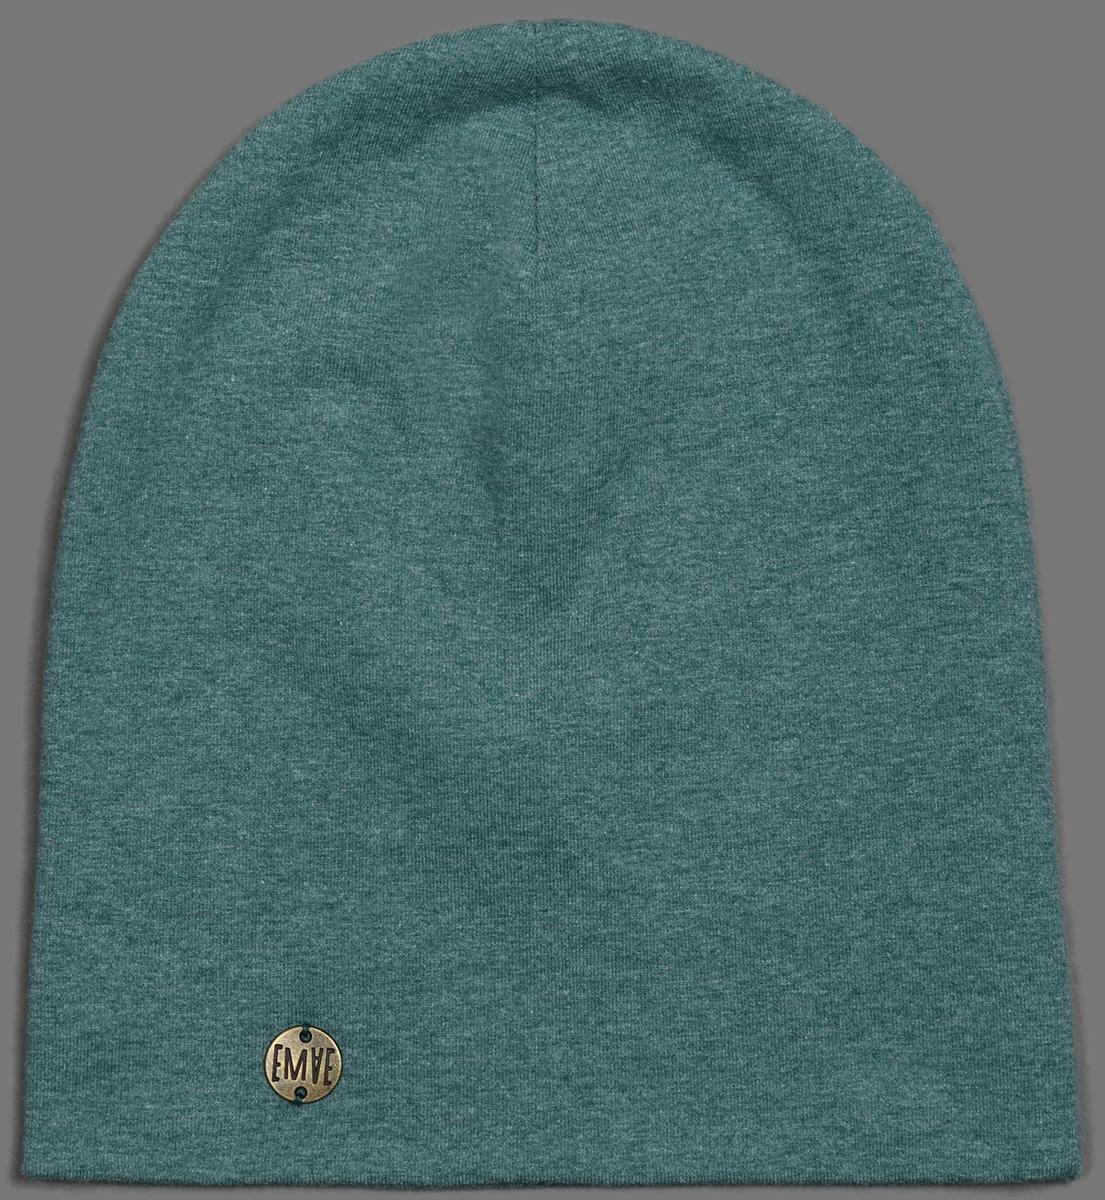 Шапка для мальчиков Ёмаё, цвет: зеленый. 45-607. Размер 5245-607Шапочка от ТМ ЁМАЁ, коллекуция Городские Сумасшедшие.